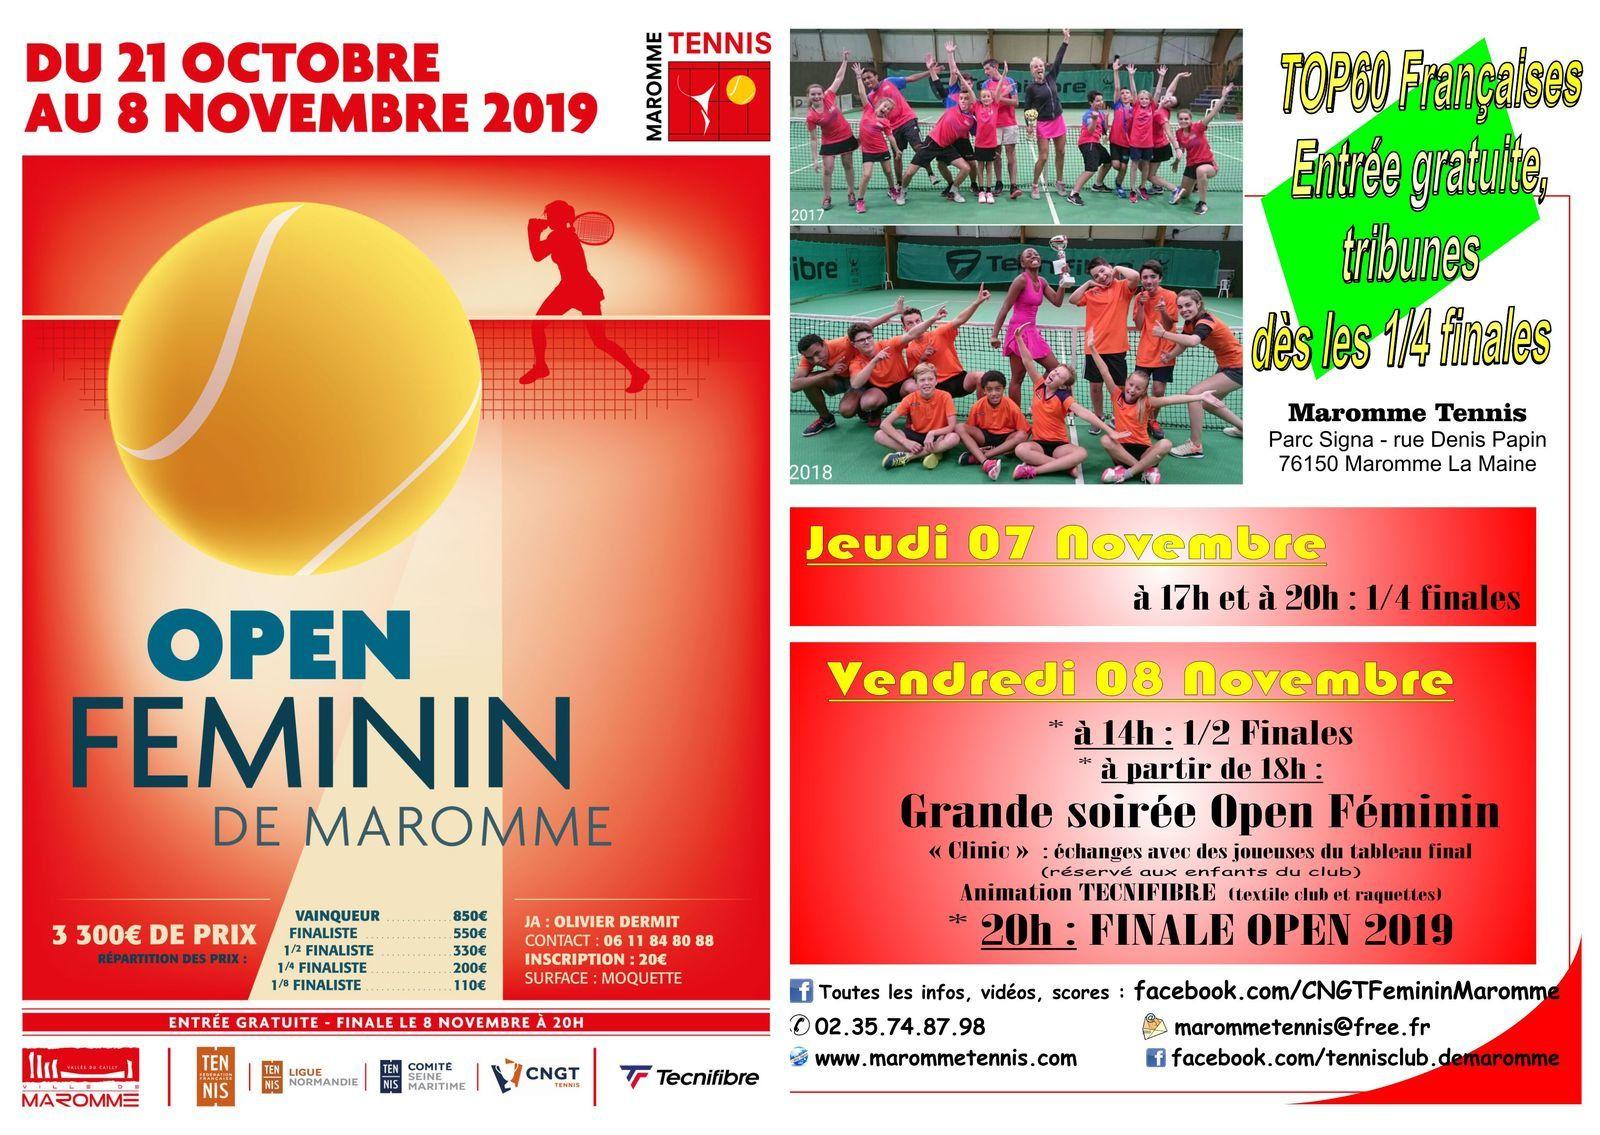 Programme Open Féminin 2019